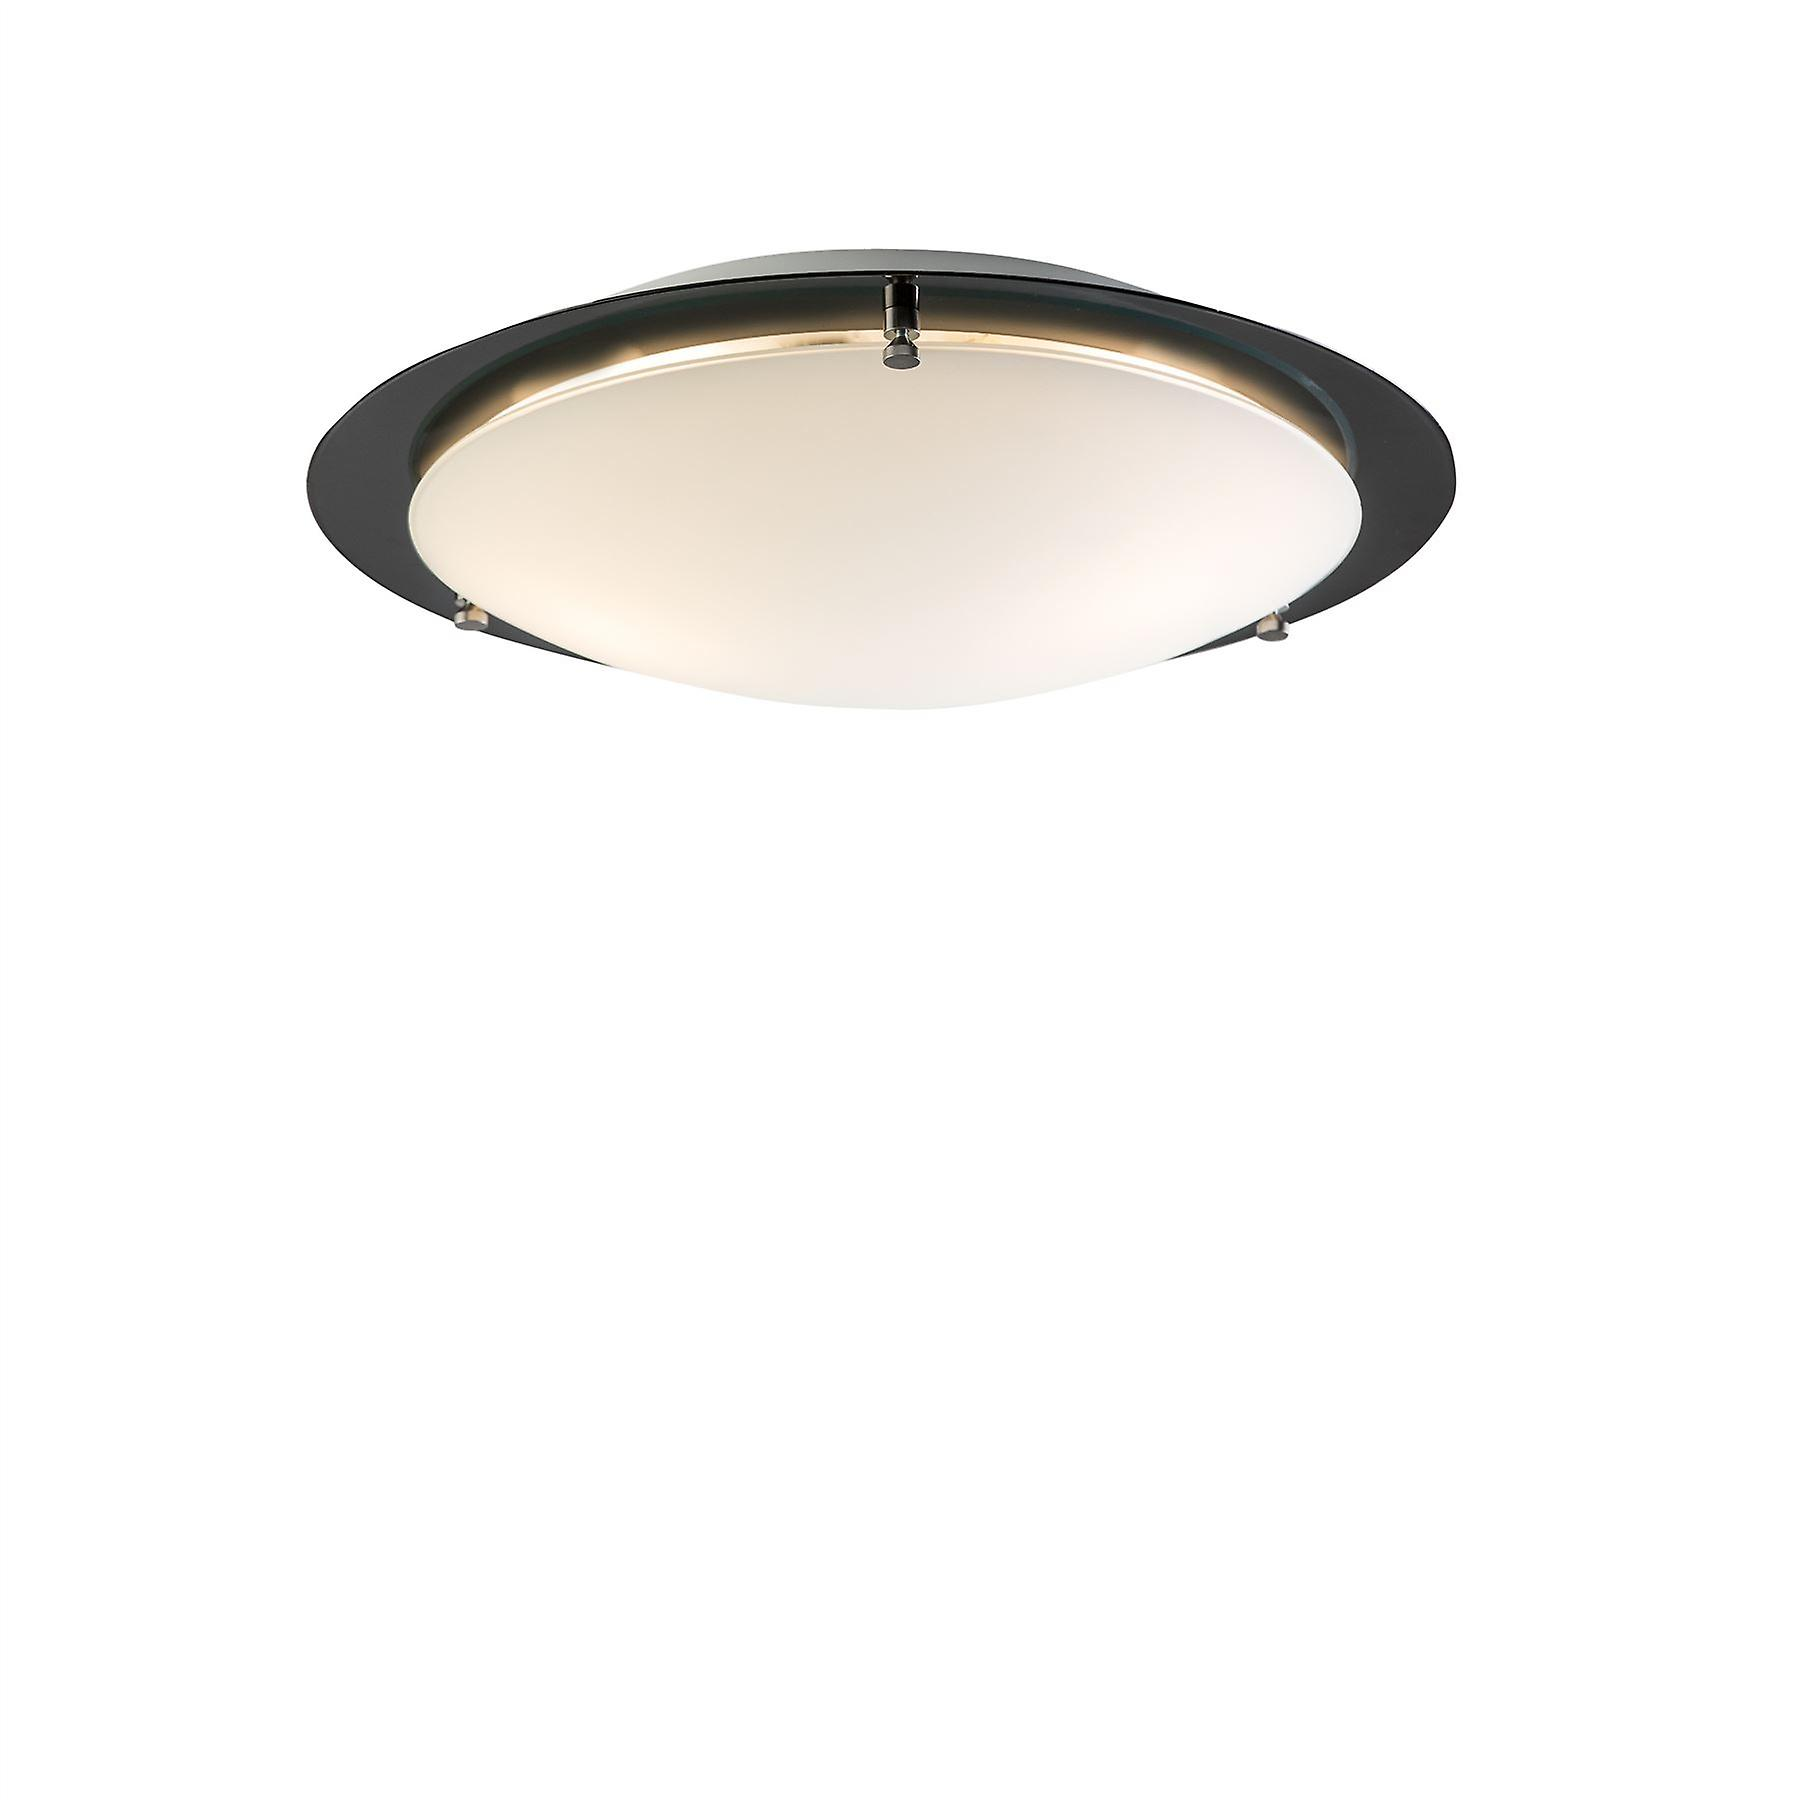 Belid - Cirklo Flush Ceiling lumière LED noir Finish 219327